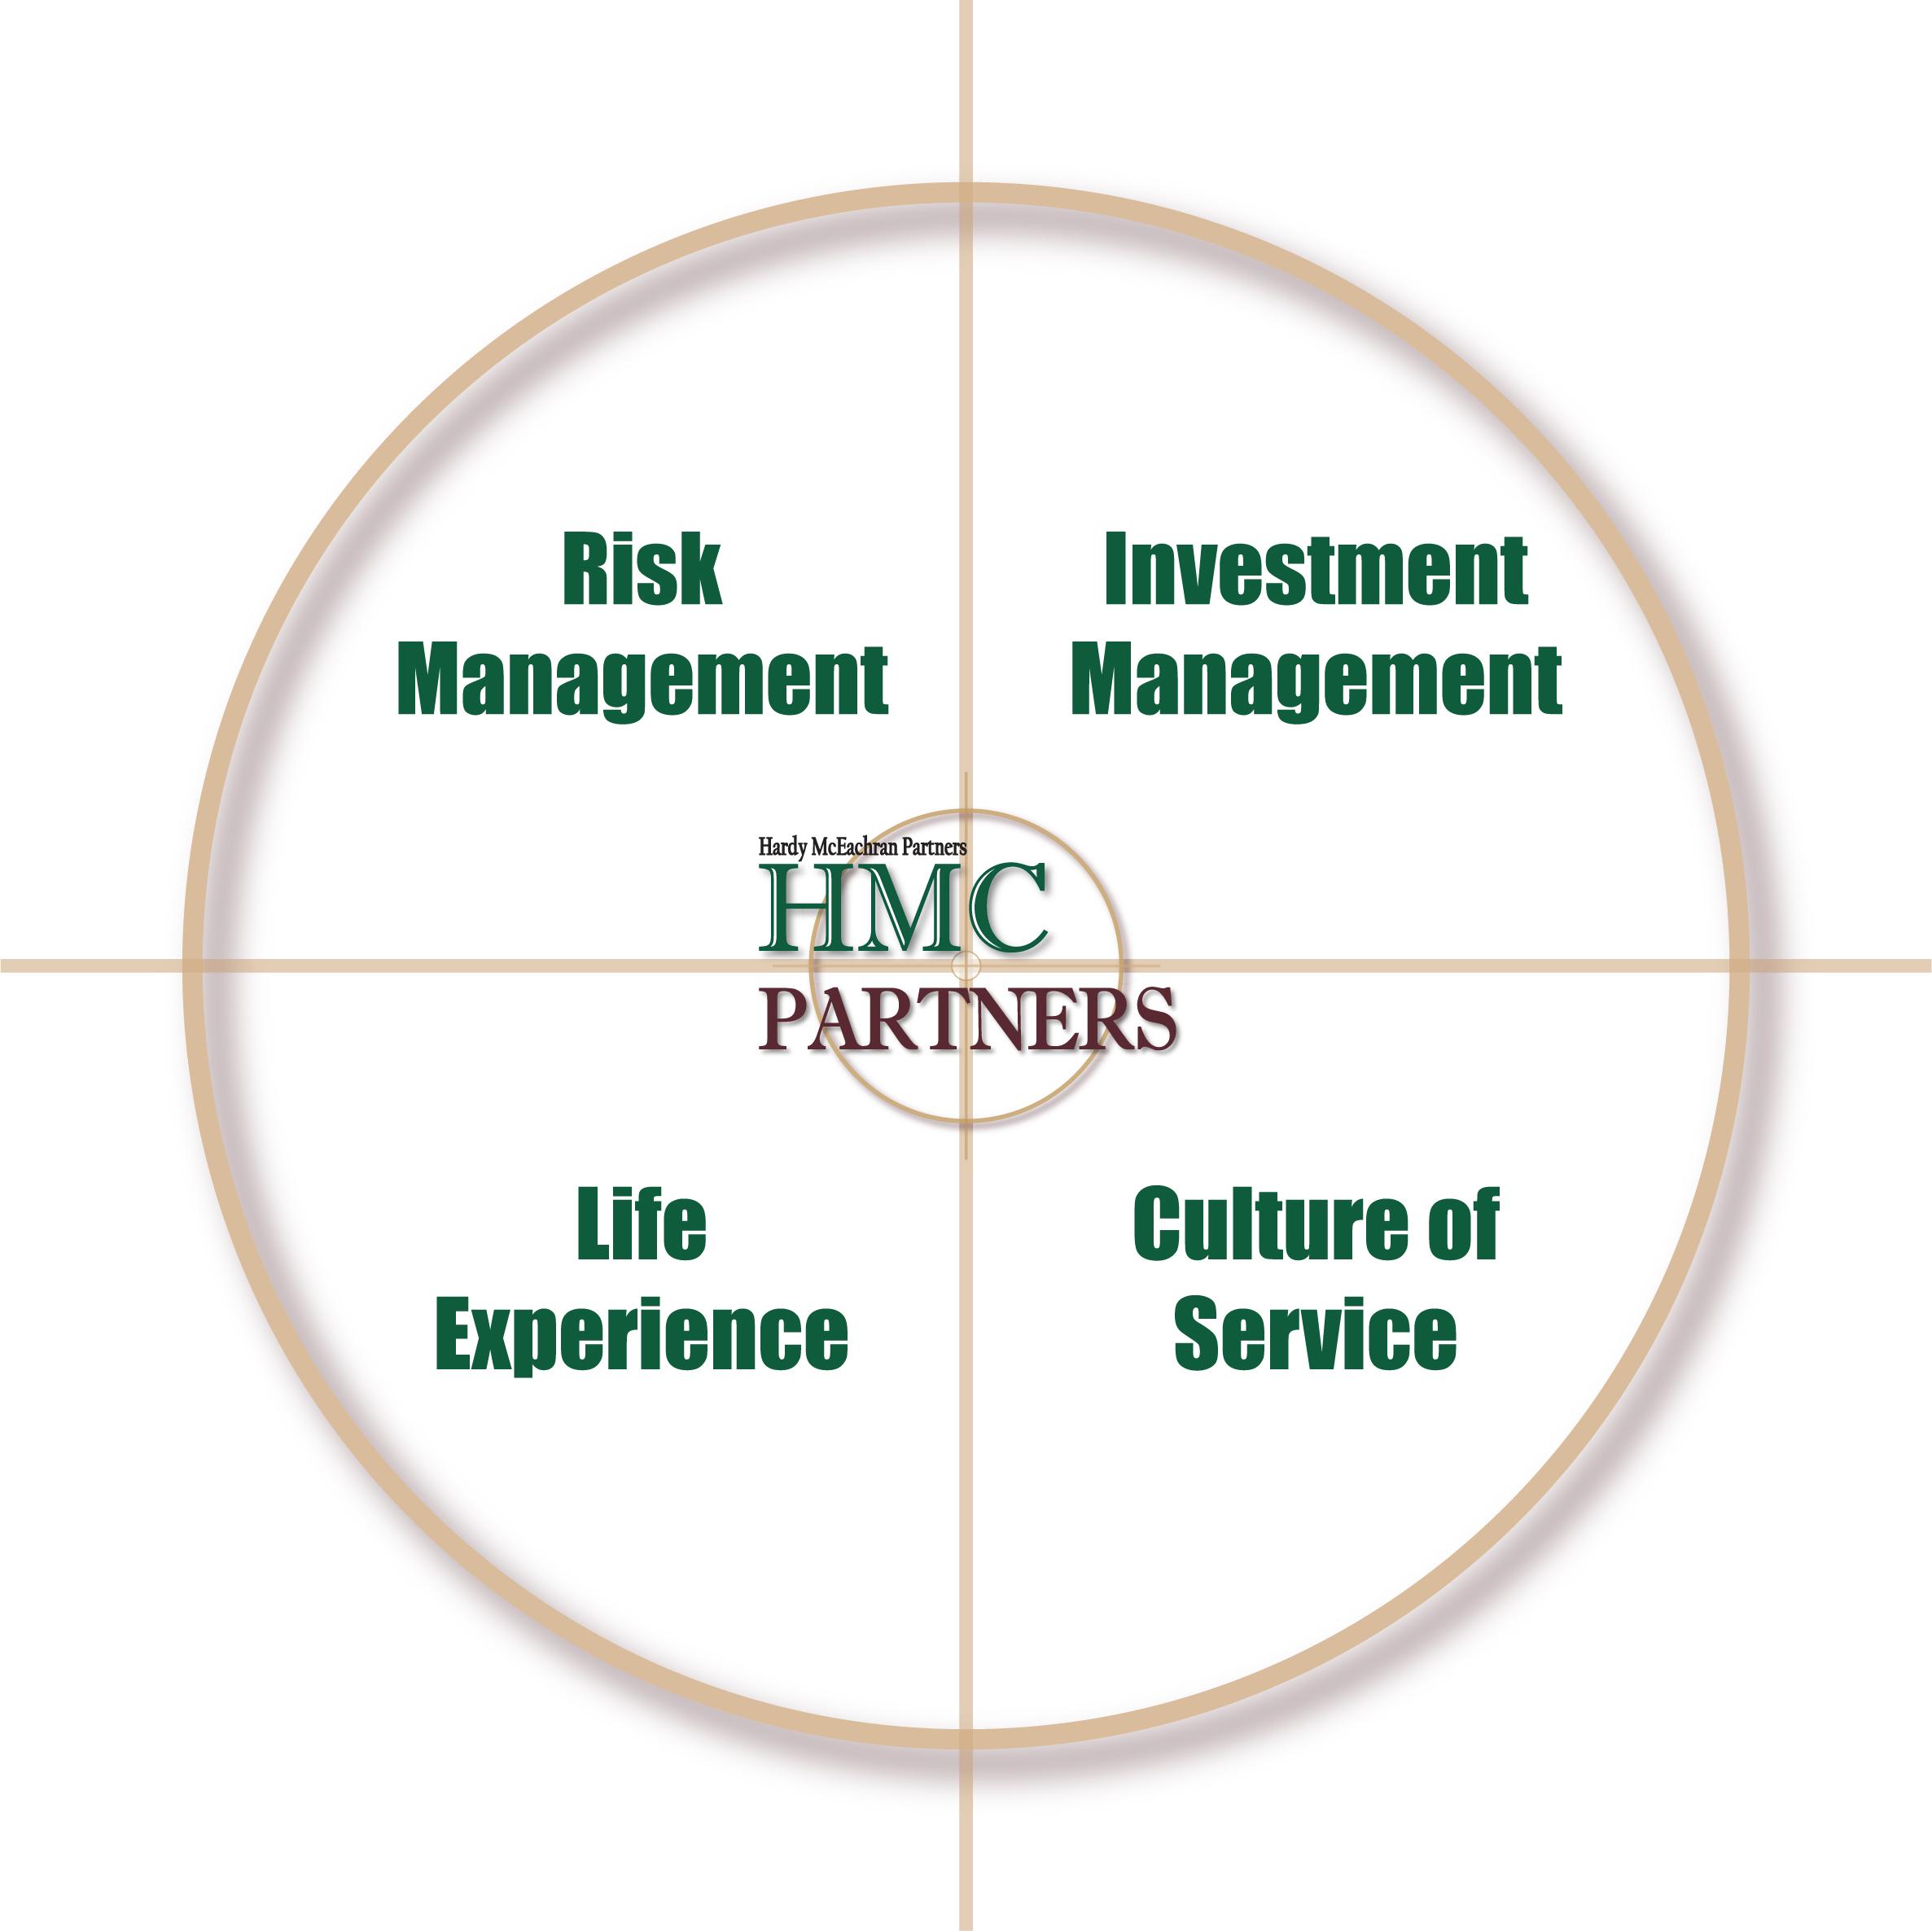 Four Areas of Focus